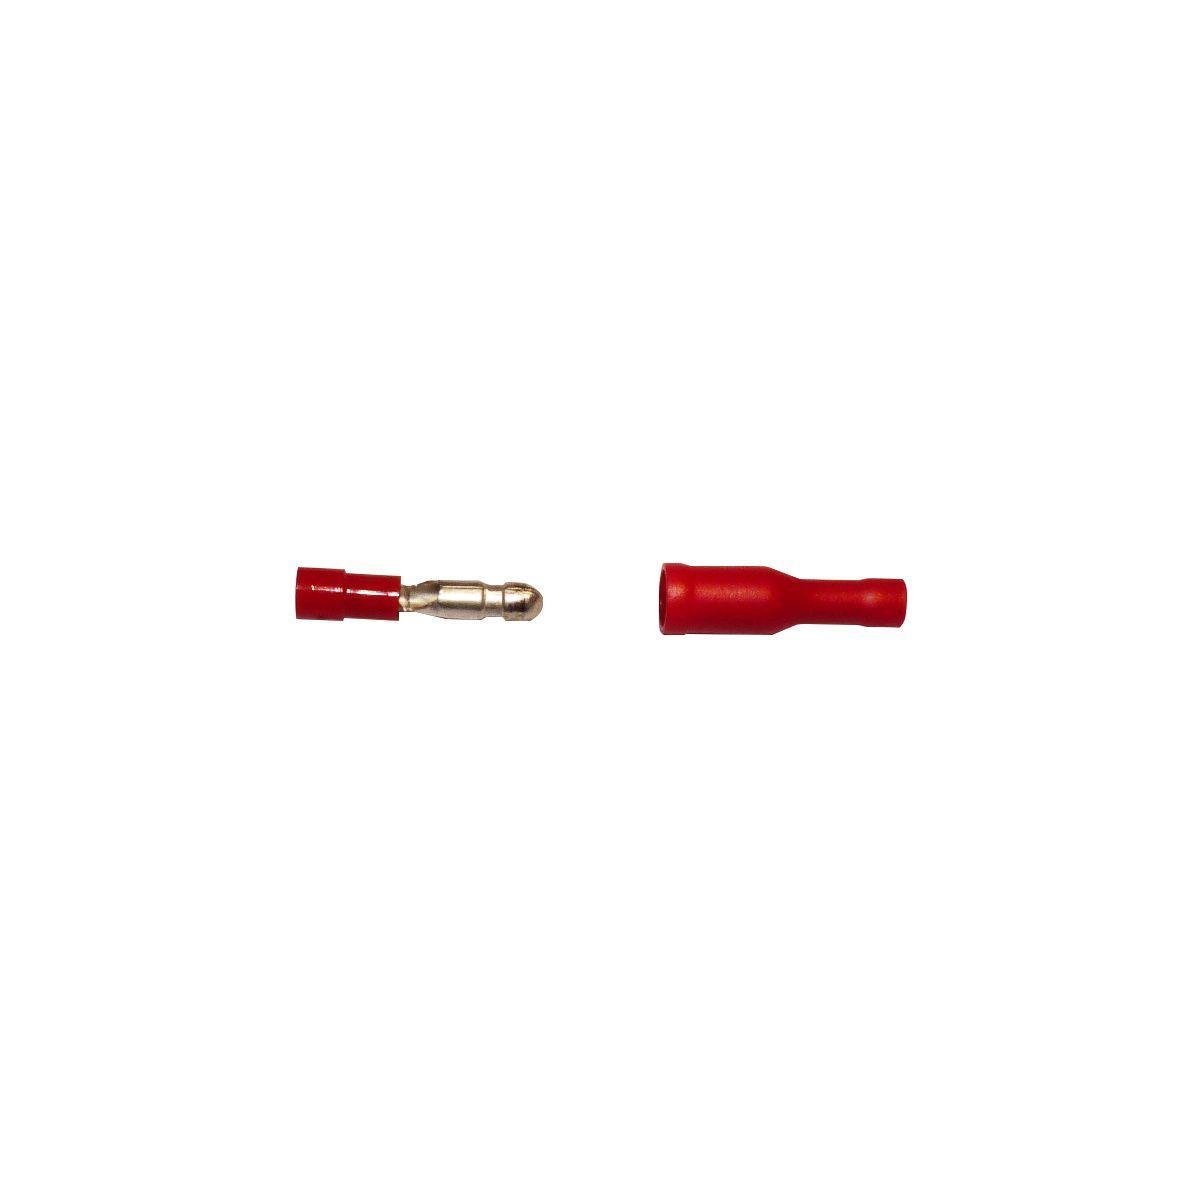 Interface sofare 5 males 5 femelles rondes rouges de 4mm (photo)